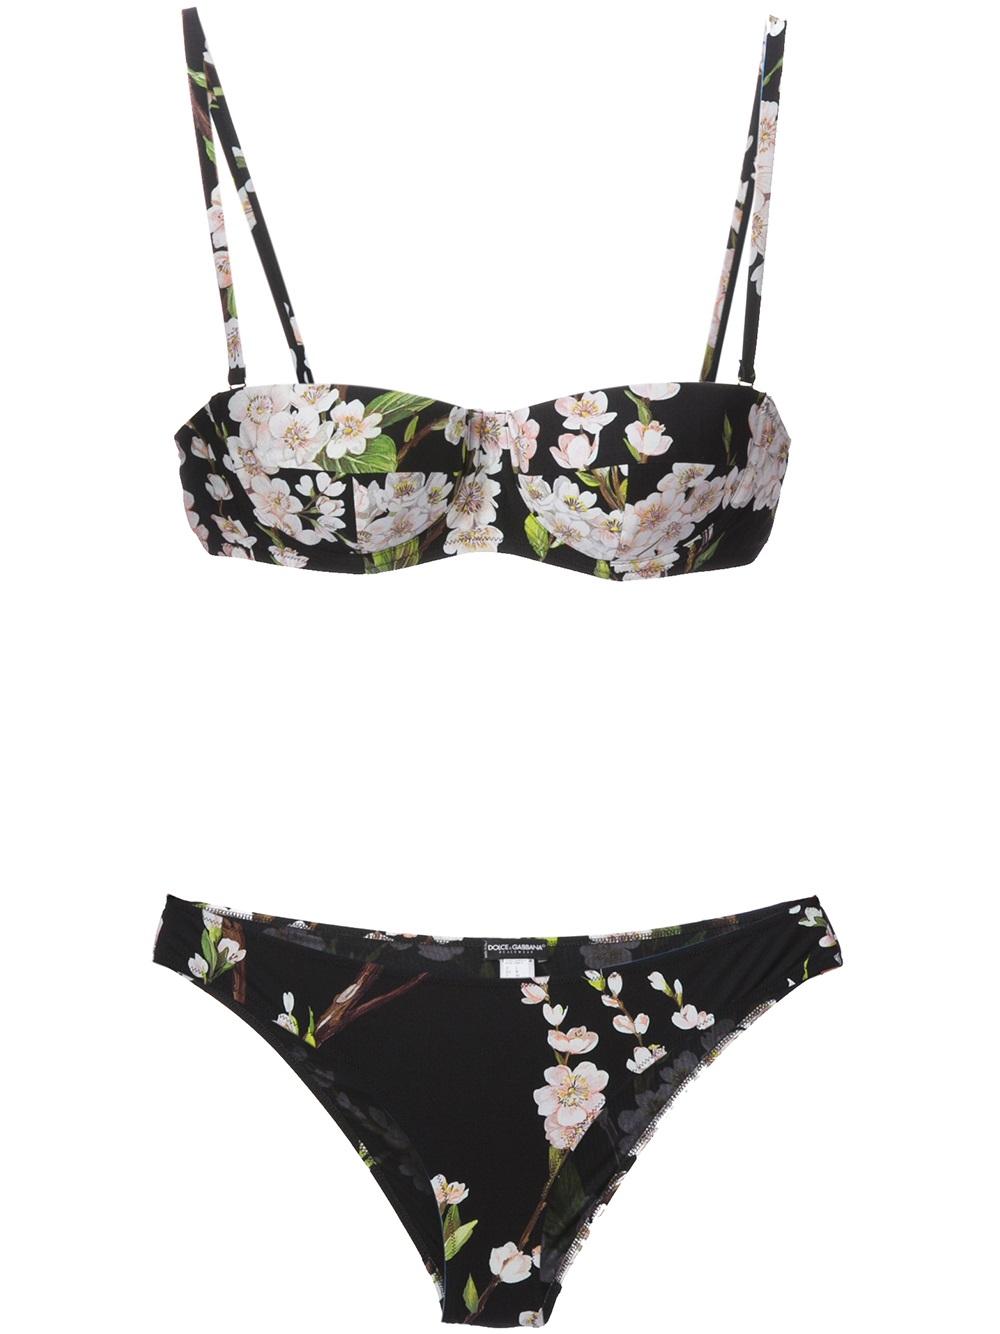 a5abece369 Lyst - Dolce   Gabbana Floral Print Bikini in Black